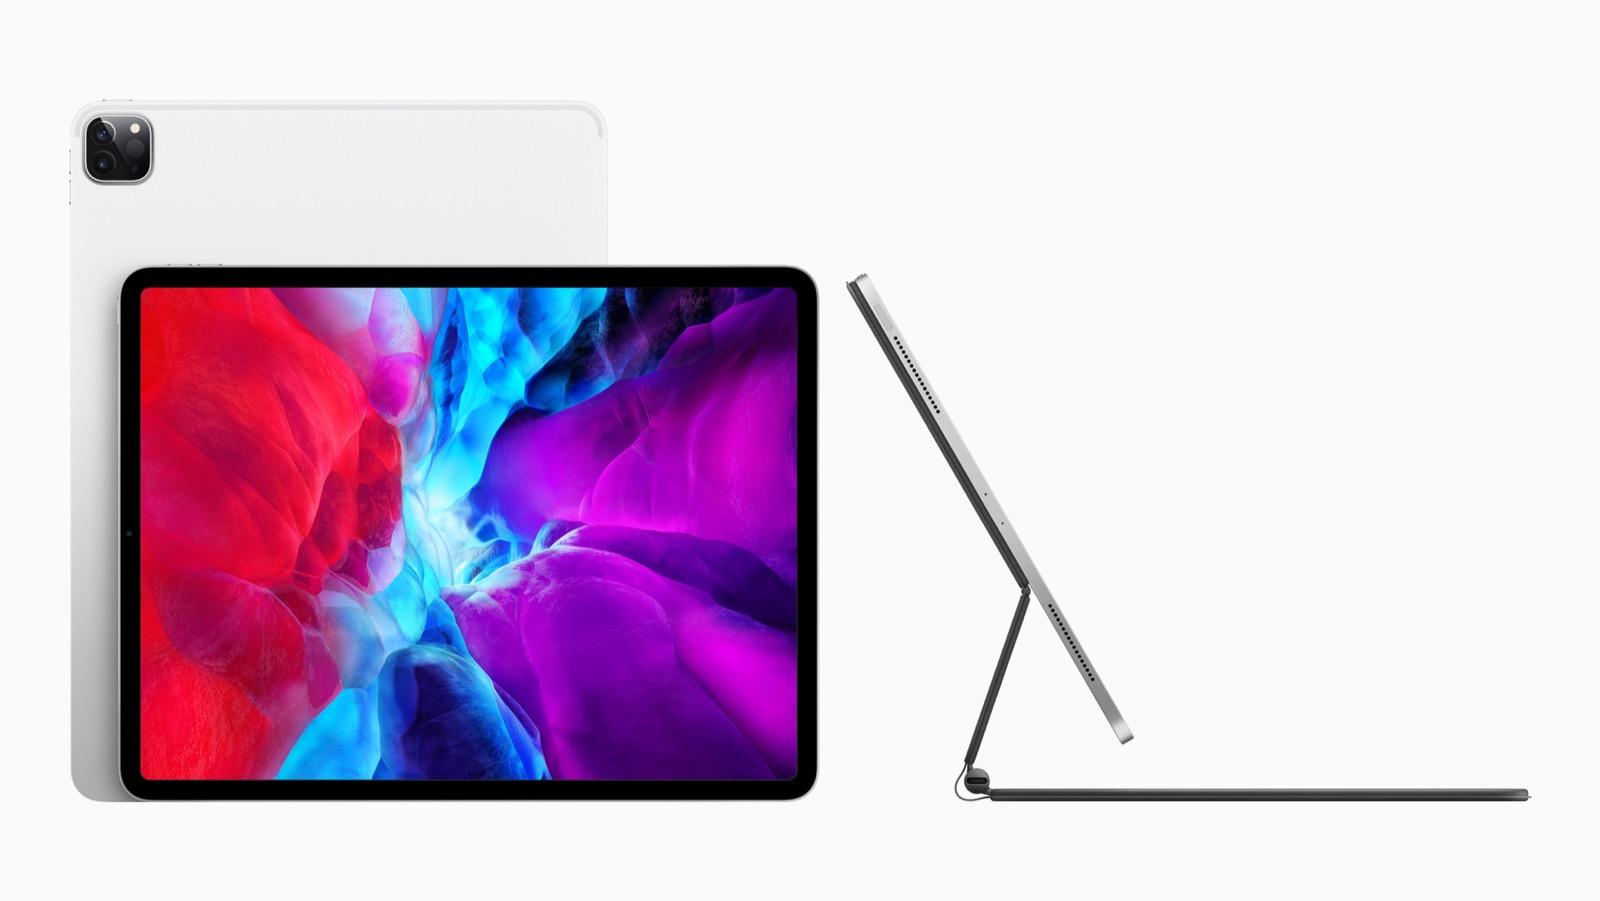 最大1.4万円オフ、Amazonの初売りで最新iPad Pro/miniが特価に